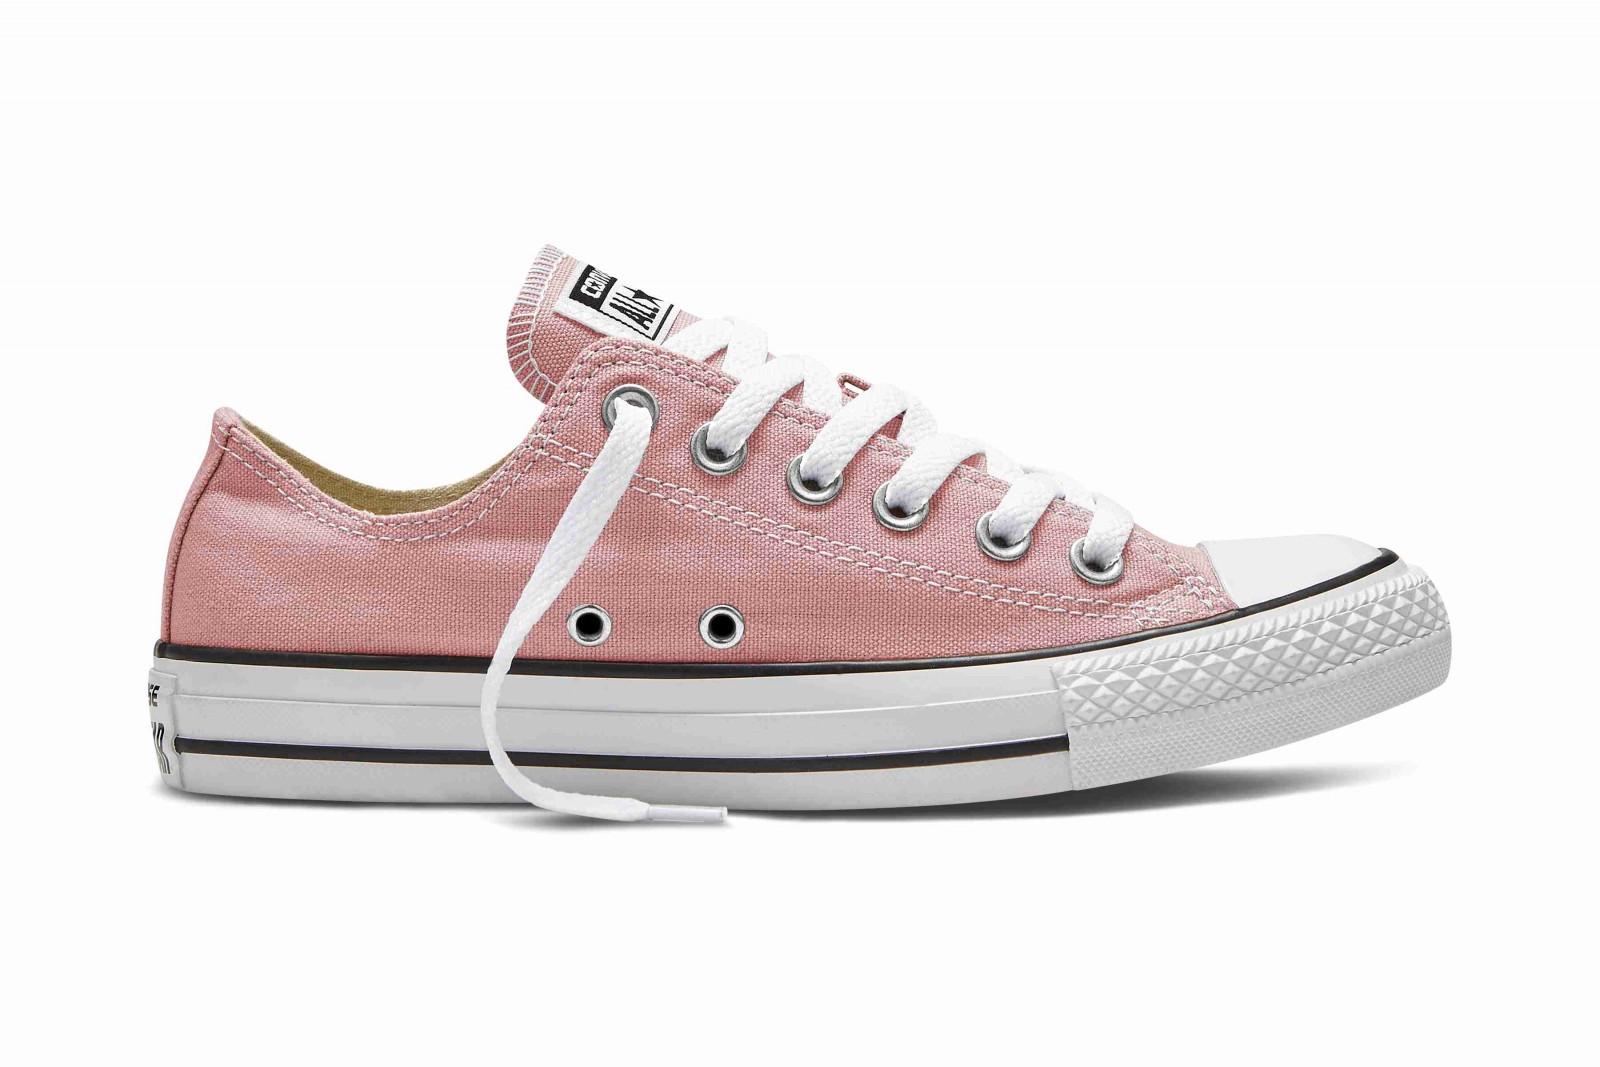 0a523128927 Dámské boty Converse Chuck Taylor All Star růžové